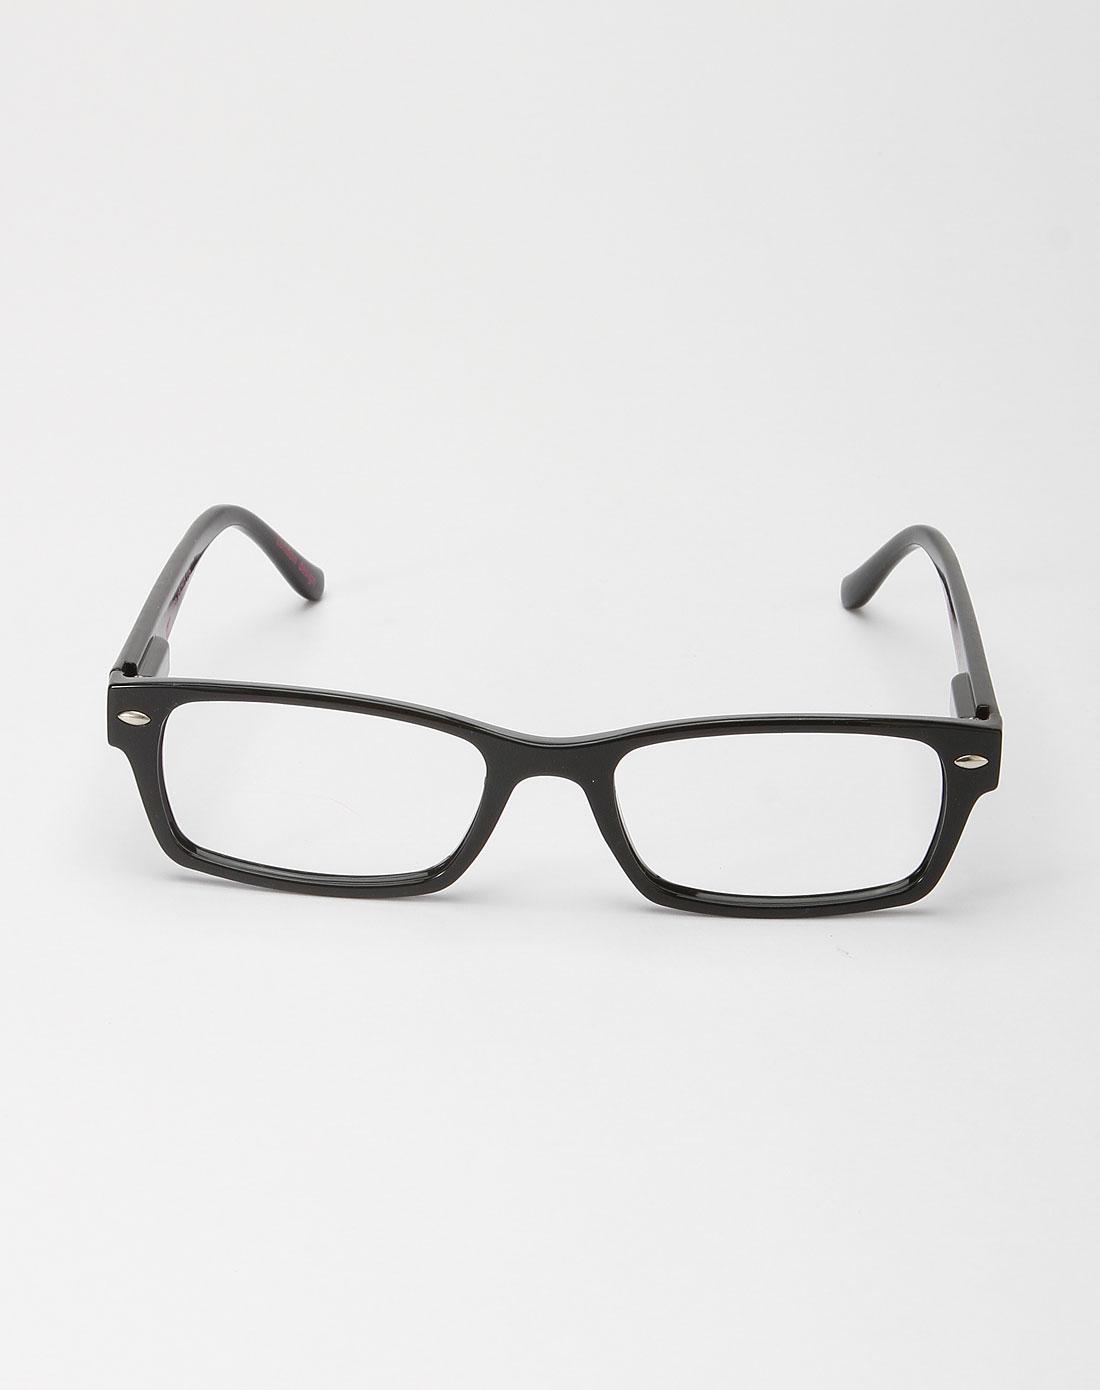 谷蔻gagacoco亮黑色简约眼镜框011249190